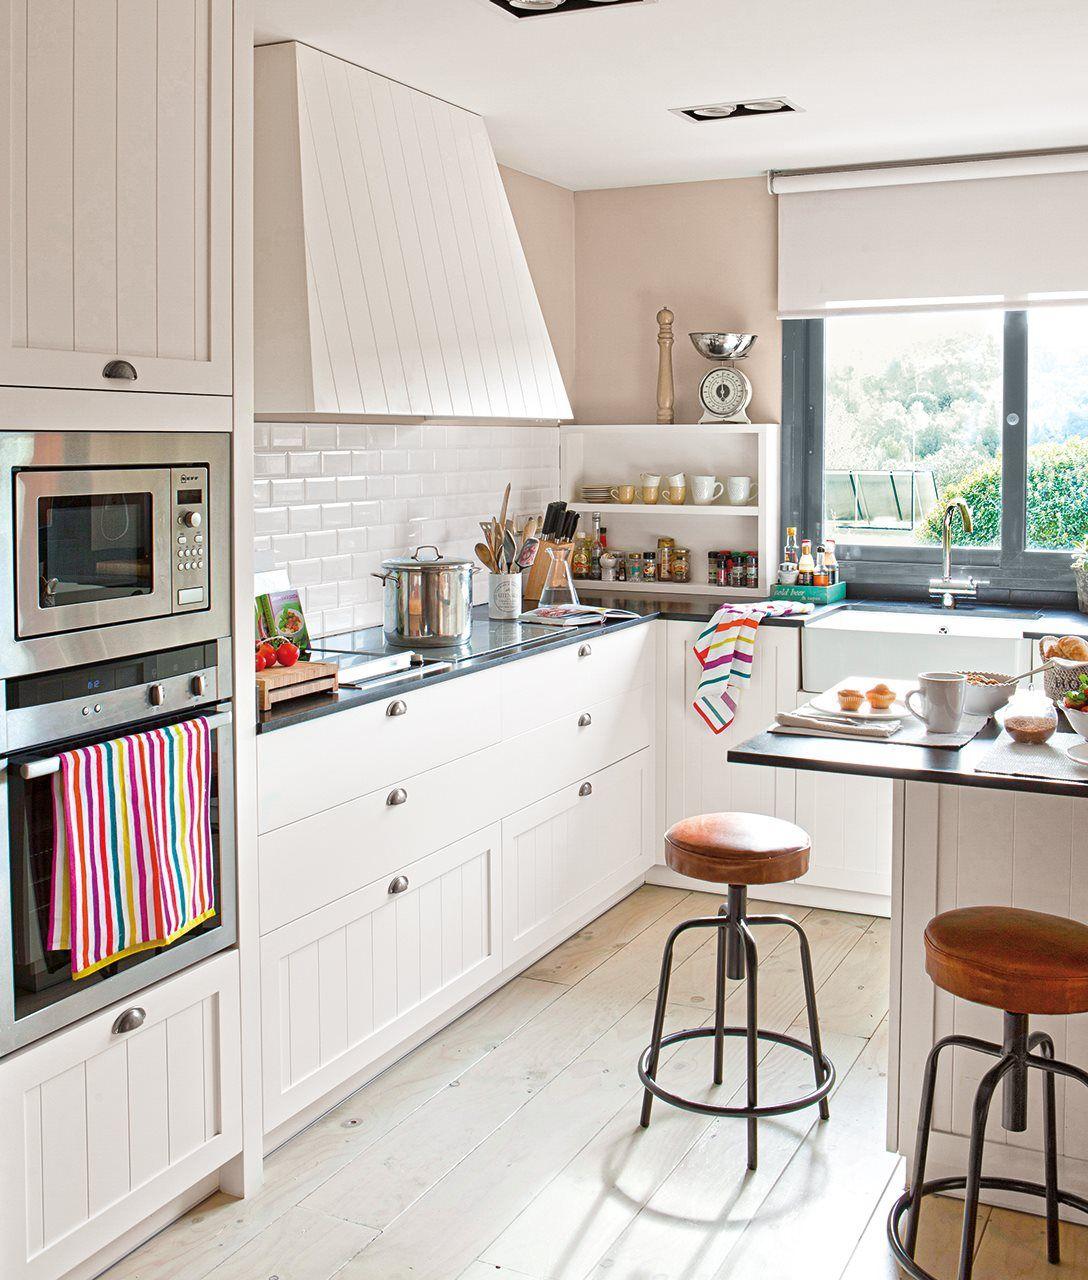 Las Cositas de Beach & eau | Casa | Pinterest | Cosas, Cocinas y ...